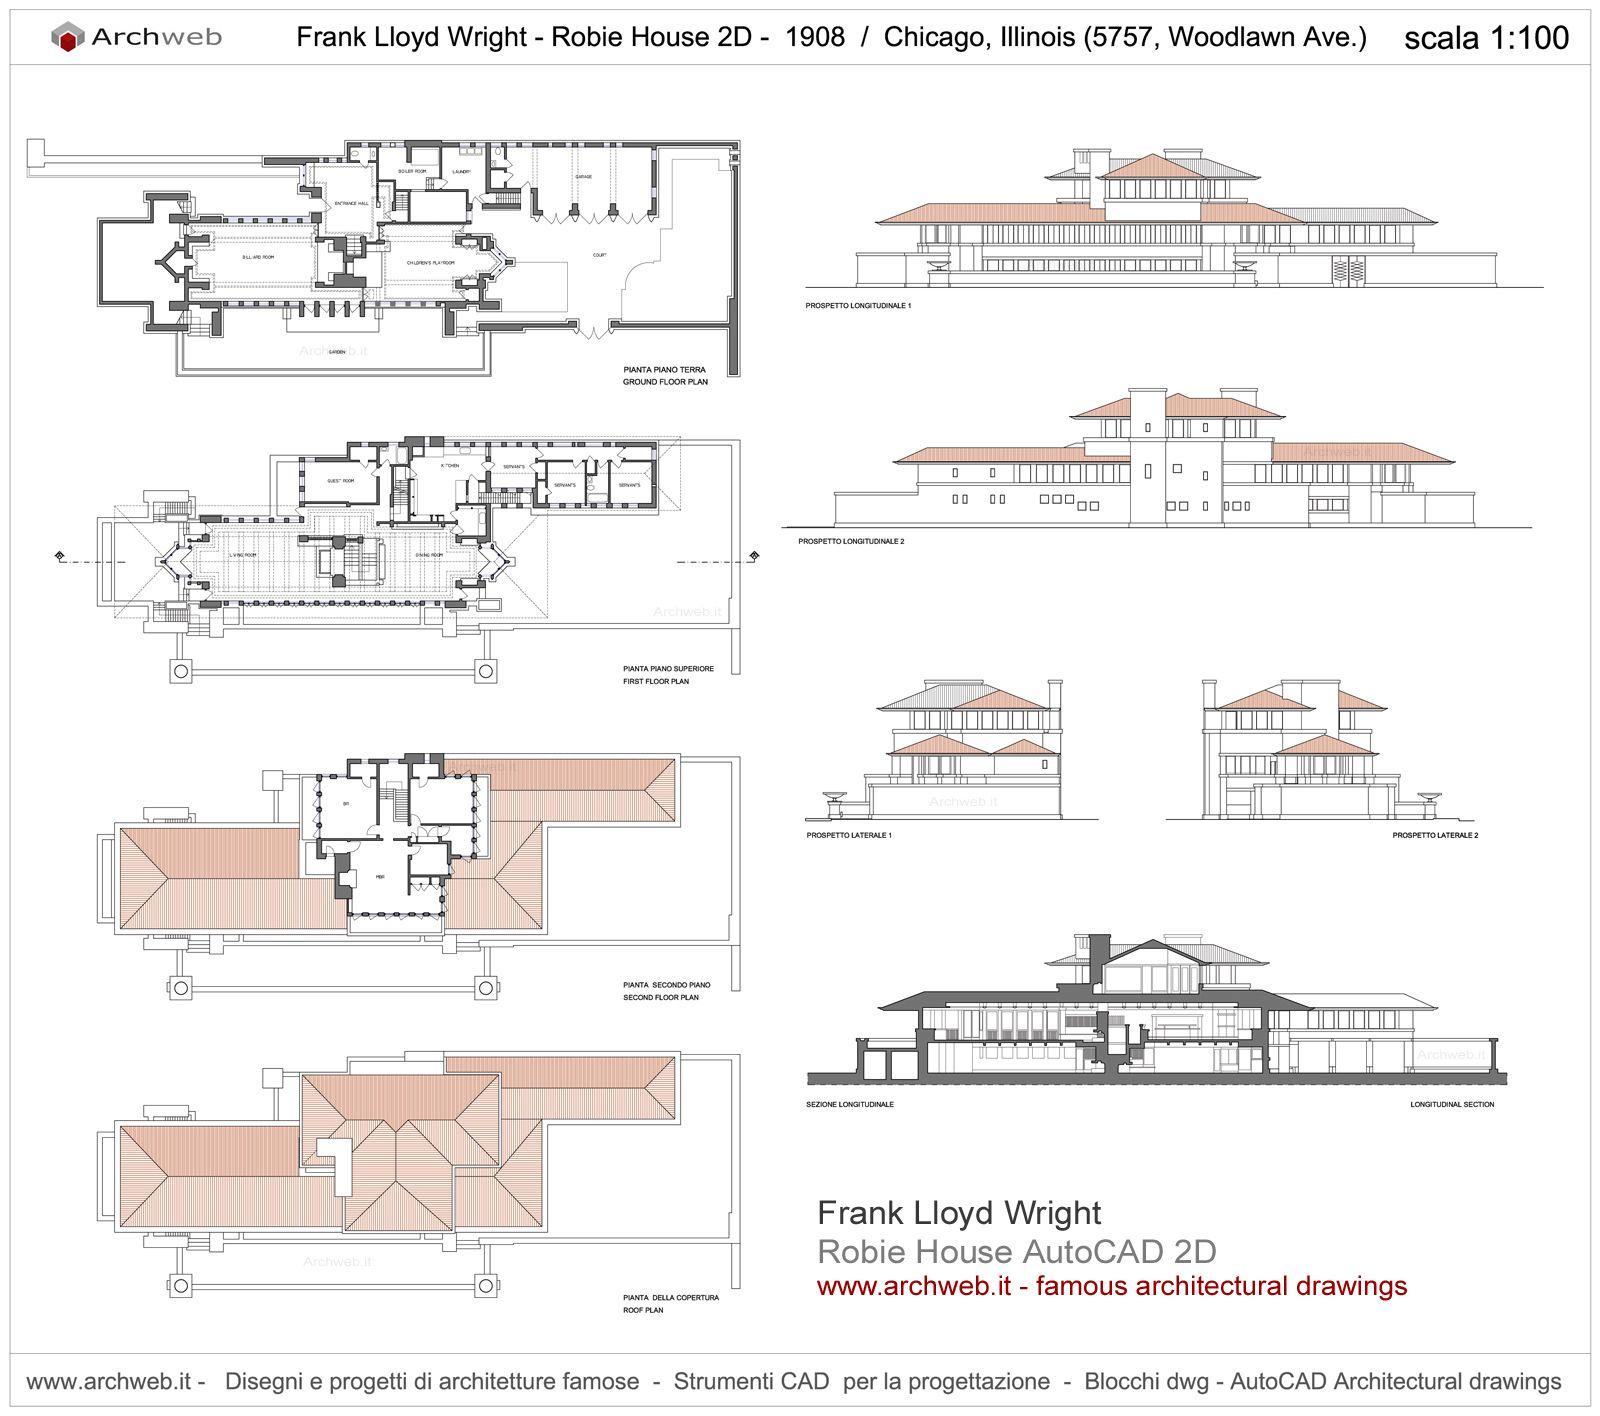 Robie House, Chicago IL (1908) | Frank Lloyd Wright | Archweb 2D ...